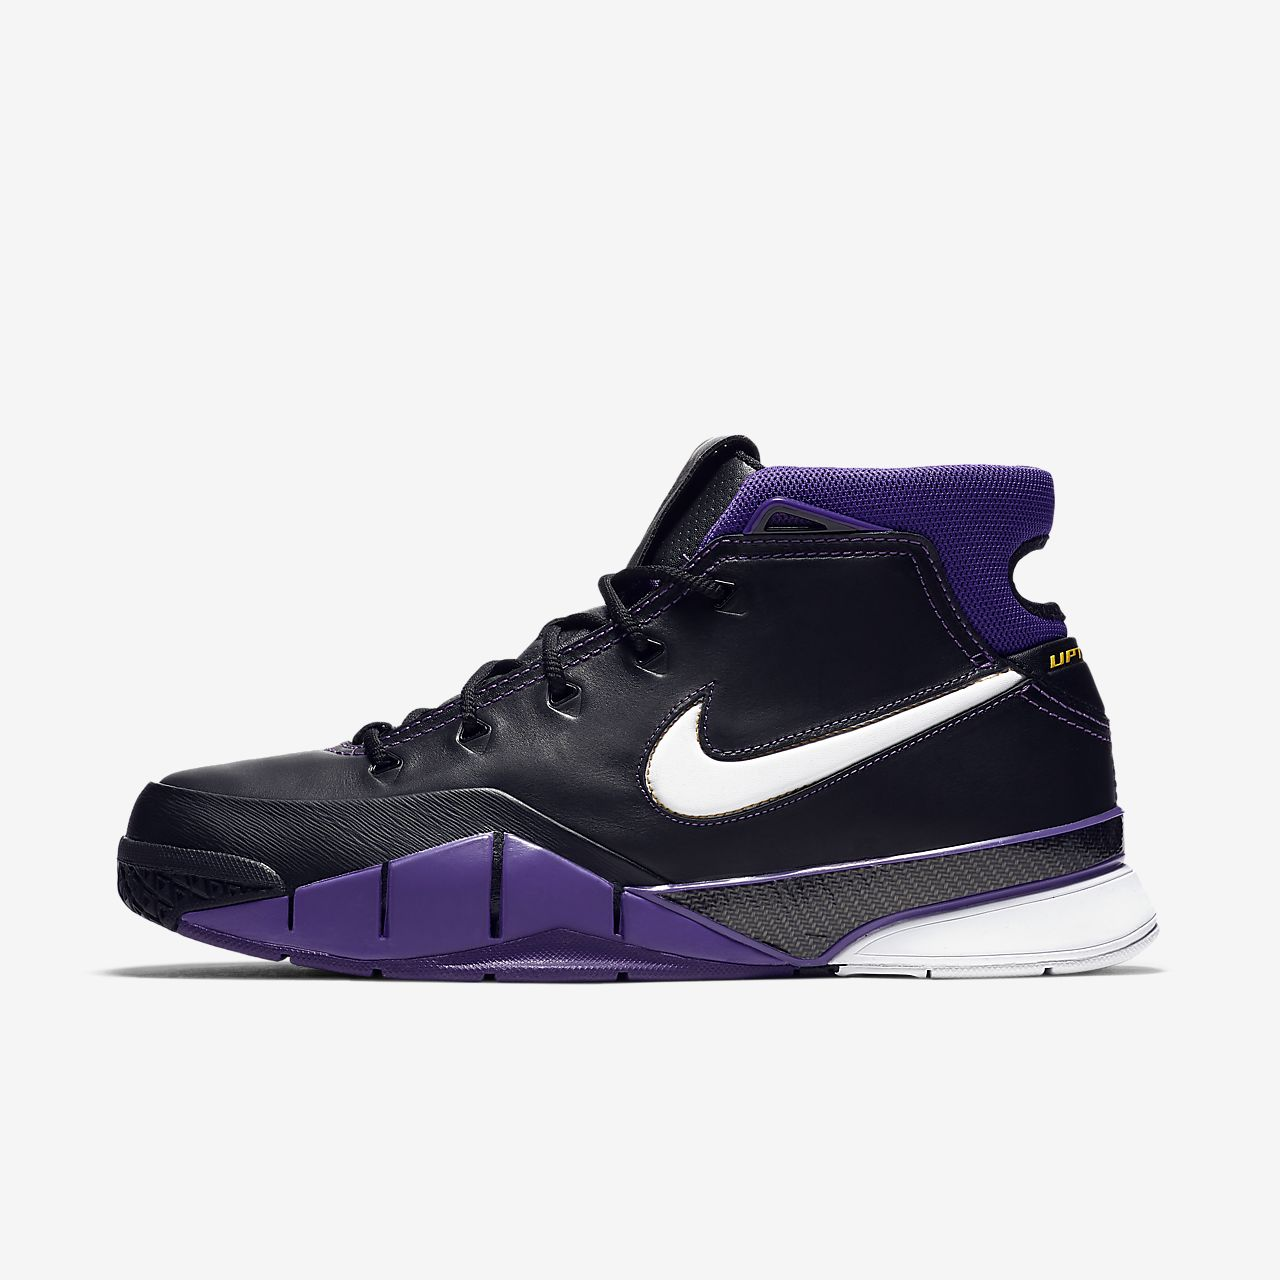 Kobe 1 Protro 男子篮球鞋耐克官网 中国